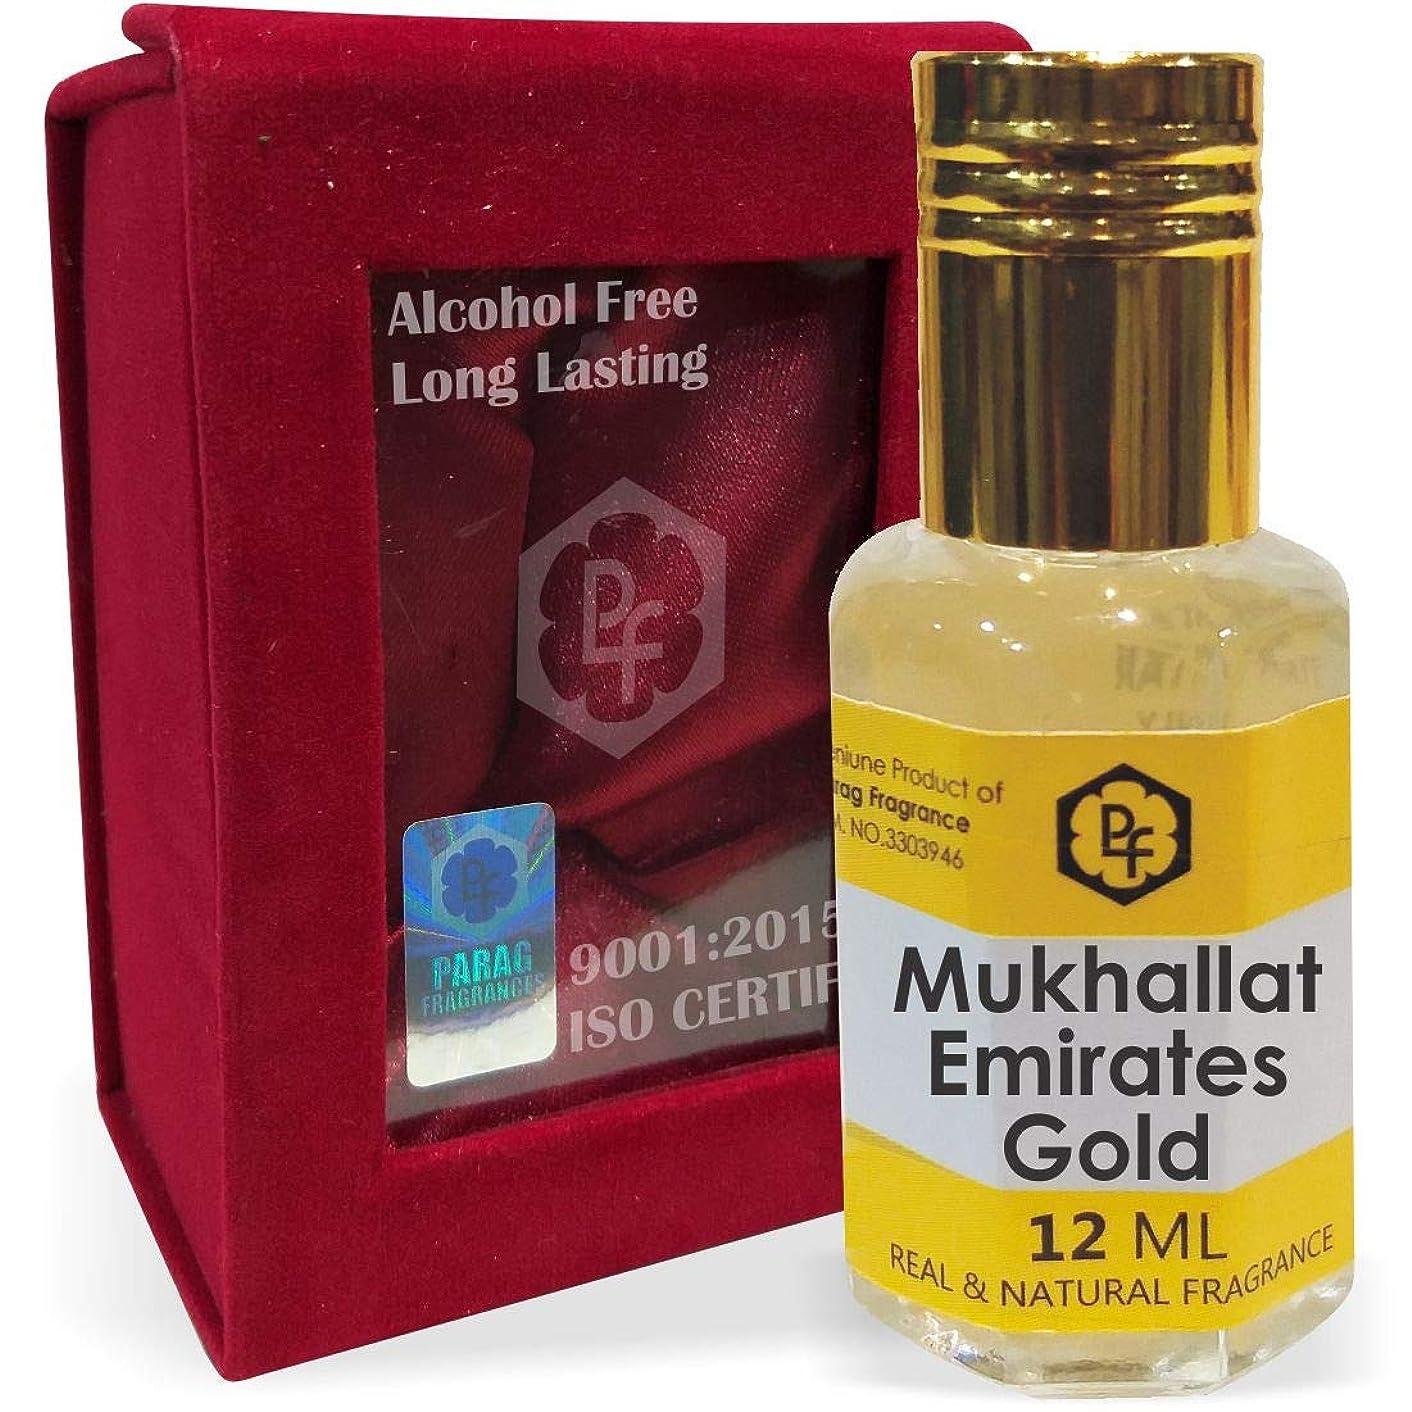 返済どきどき竜巻ParagフレグランスMukhallat首長国連邦手作りベルベットボックスゴールド12ミリリットルアター/香水(インドの伝統的なBhapka処理方法により、インド製)オイル/フレグランスオイル|長持ちアターITRA最高の品質